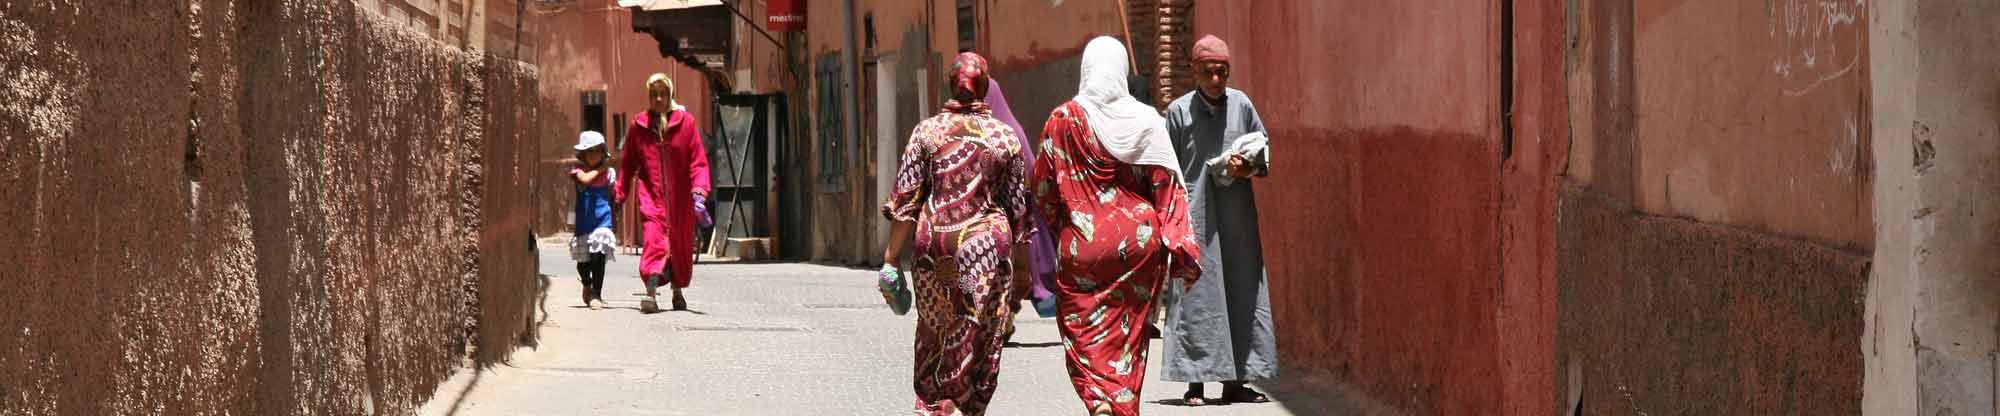 marrakech_gasse